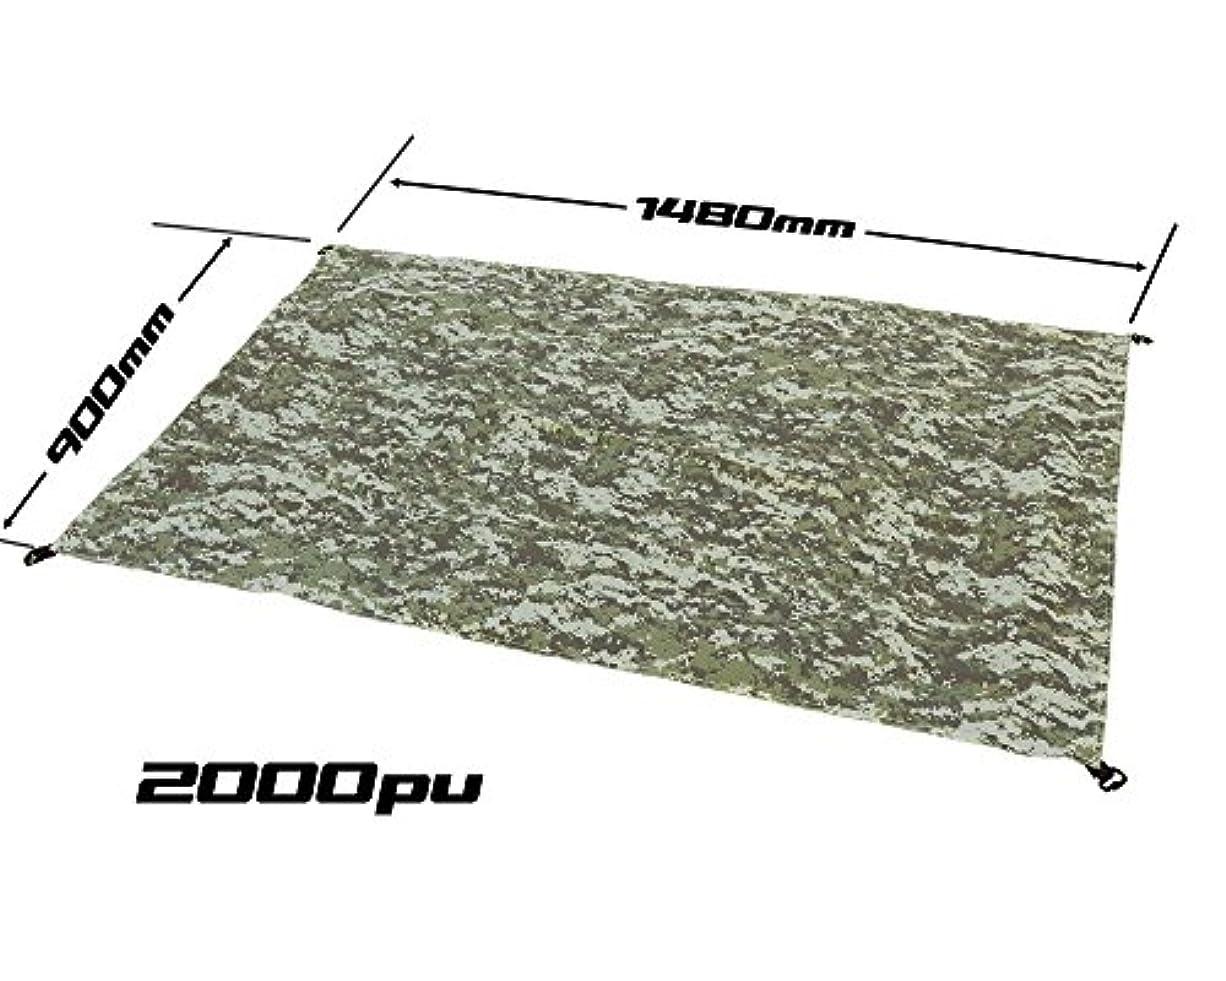 中級批判的に炭素KEMEKO(ケメコ) 防水マルチパーパスシート デジタルカモフラ?ジュ 148cm×90cm 多目的防水シート